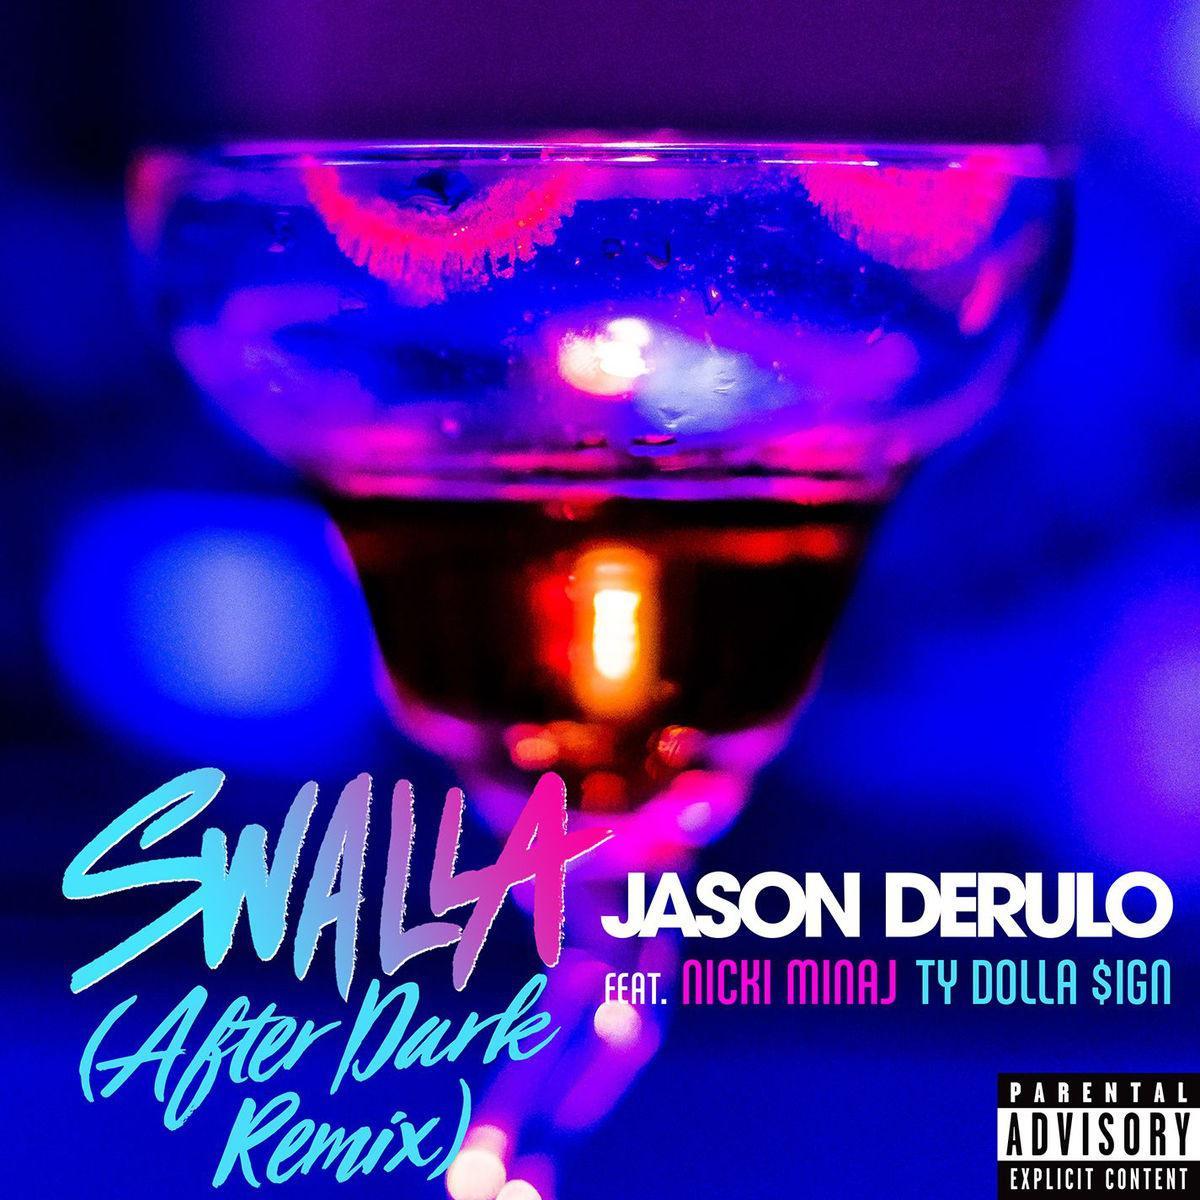 Swalla (After Dark Remix)